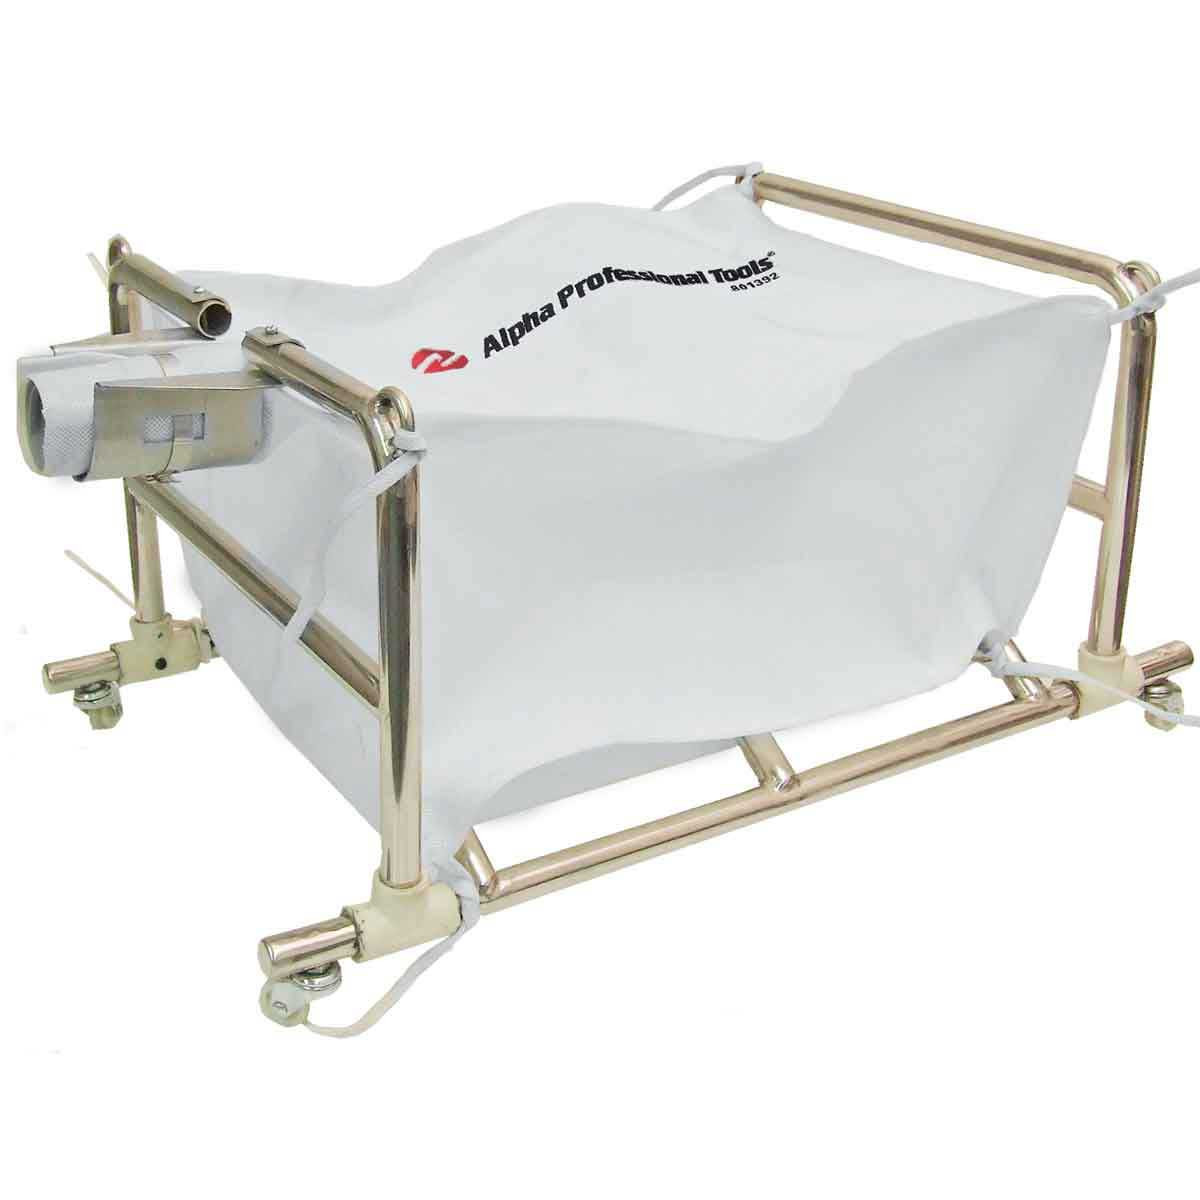 Alpha Ecogrinder Caddy dust bag